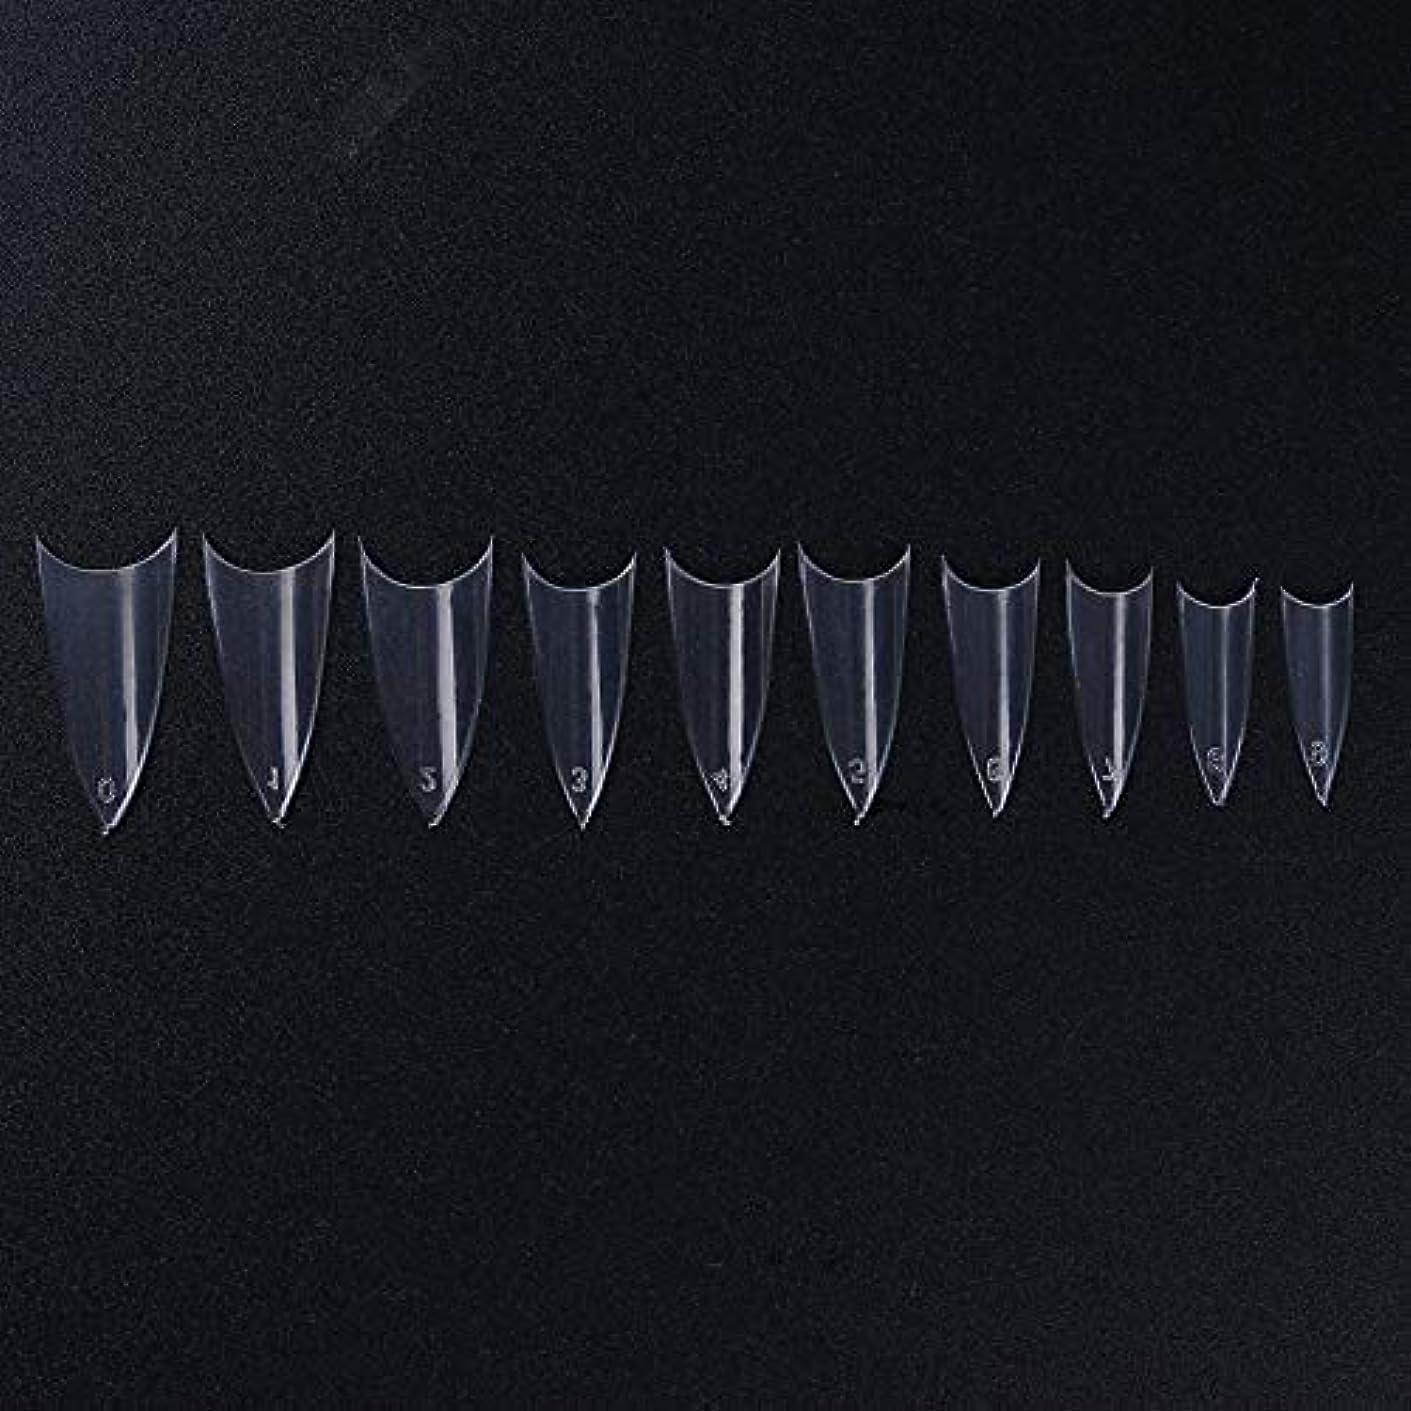 トリップ値するペットFidgetGear 500個のフレンチハーフ偽ネイルのヒントシャープポインテッドクリアホワイトナチュラル10サイズ クリア